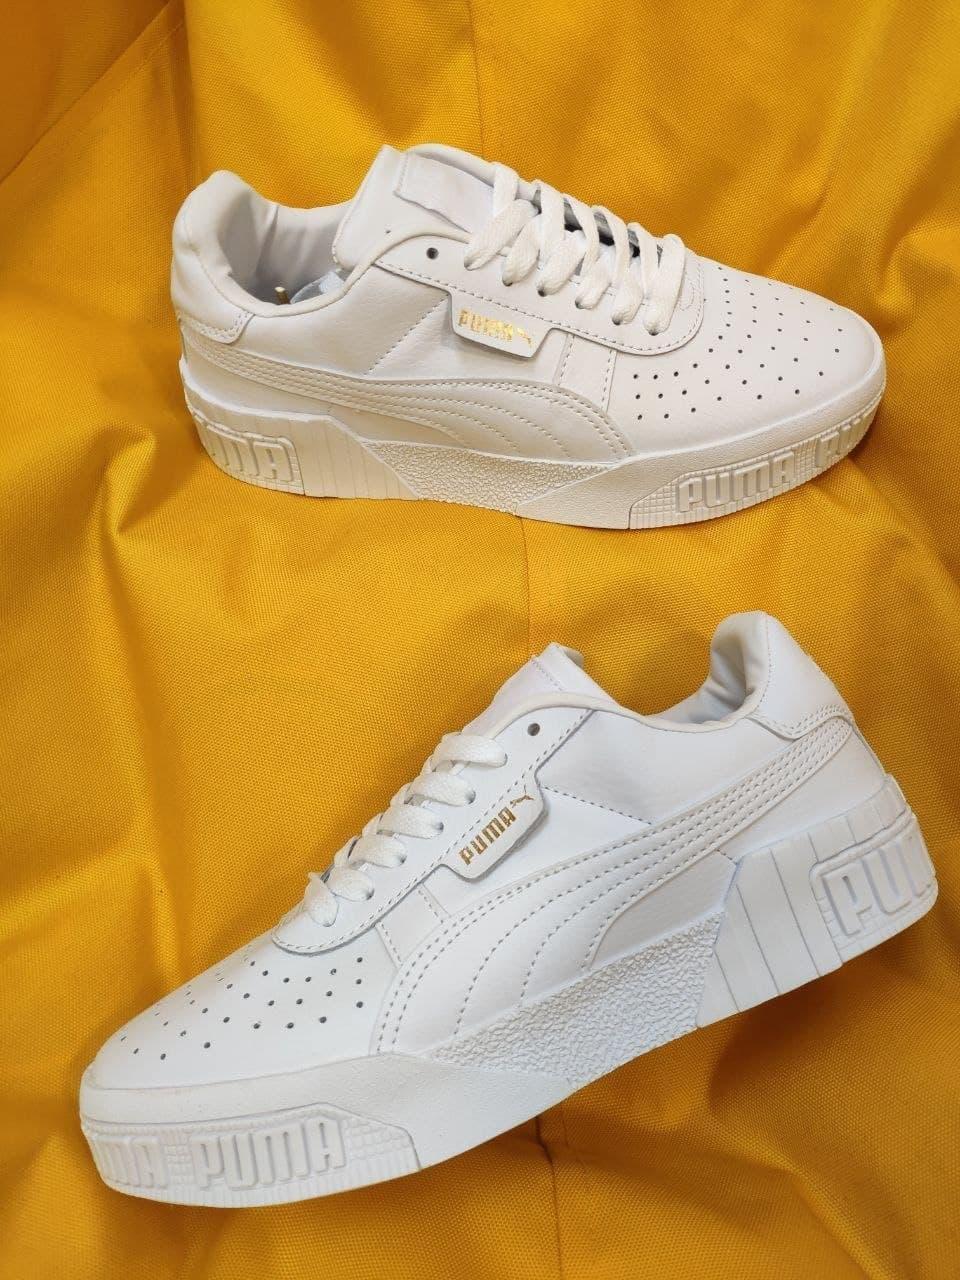 Женские весенние кроссовки Puma cali (Белые) D92 спортивные стильные кеды для девушек